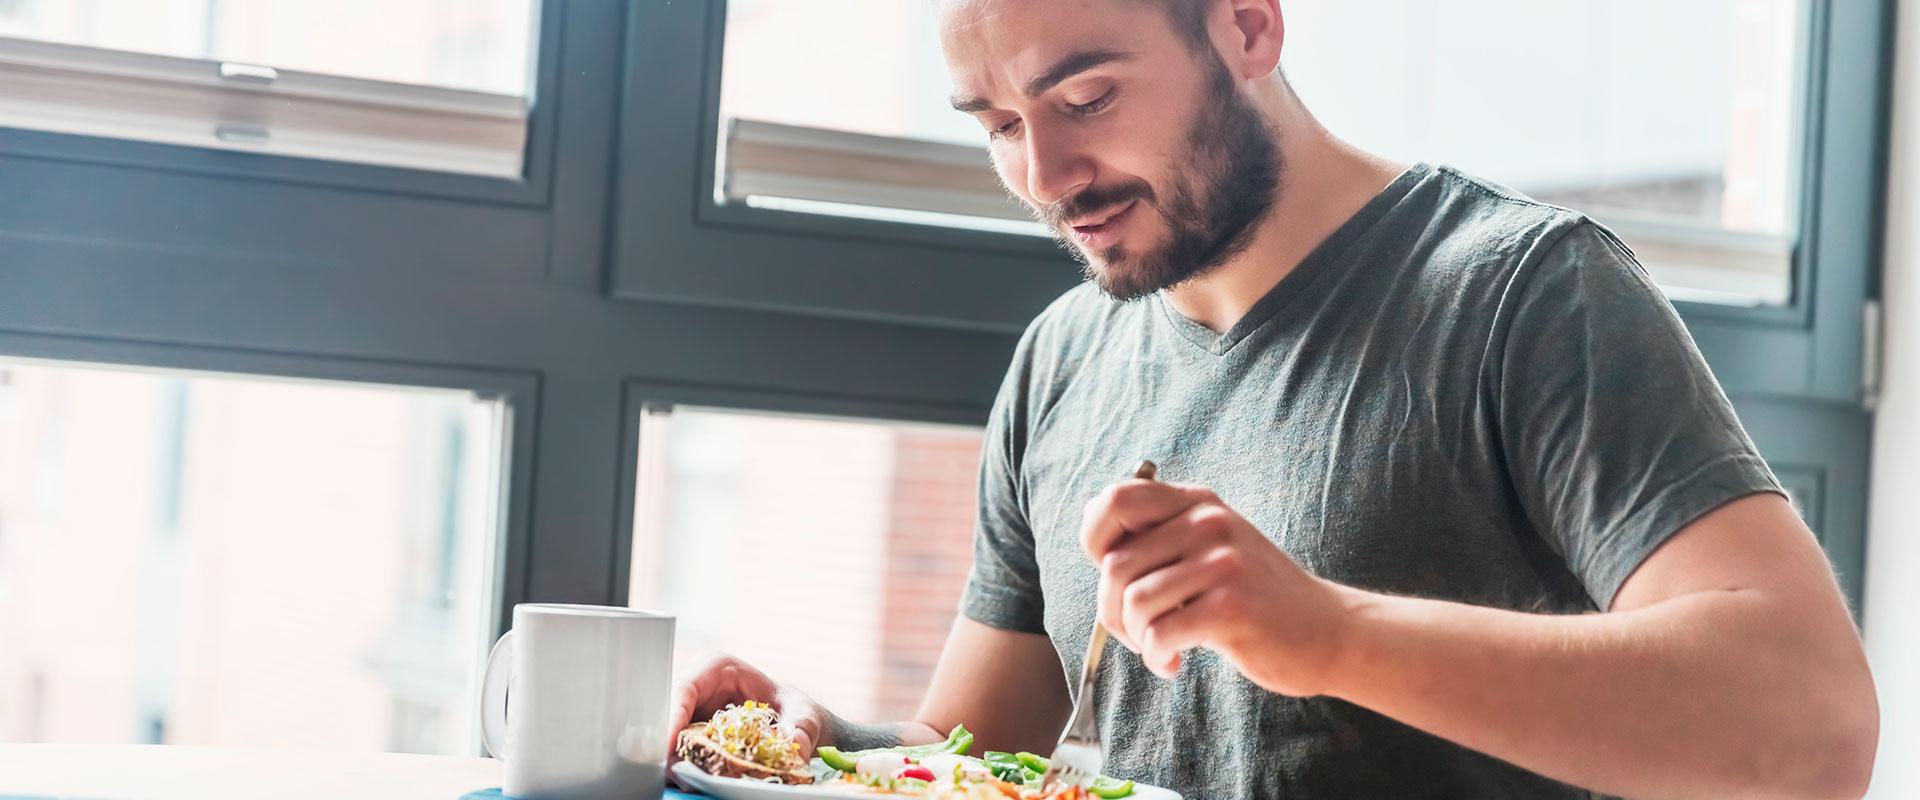 Hombre feliz comiendo ensalada.